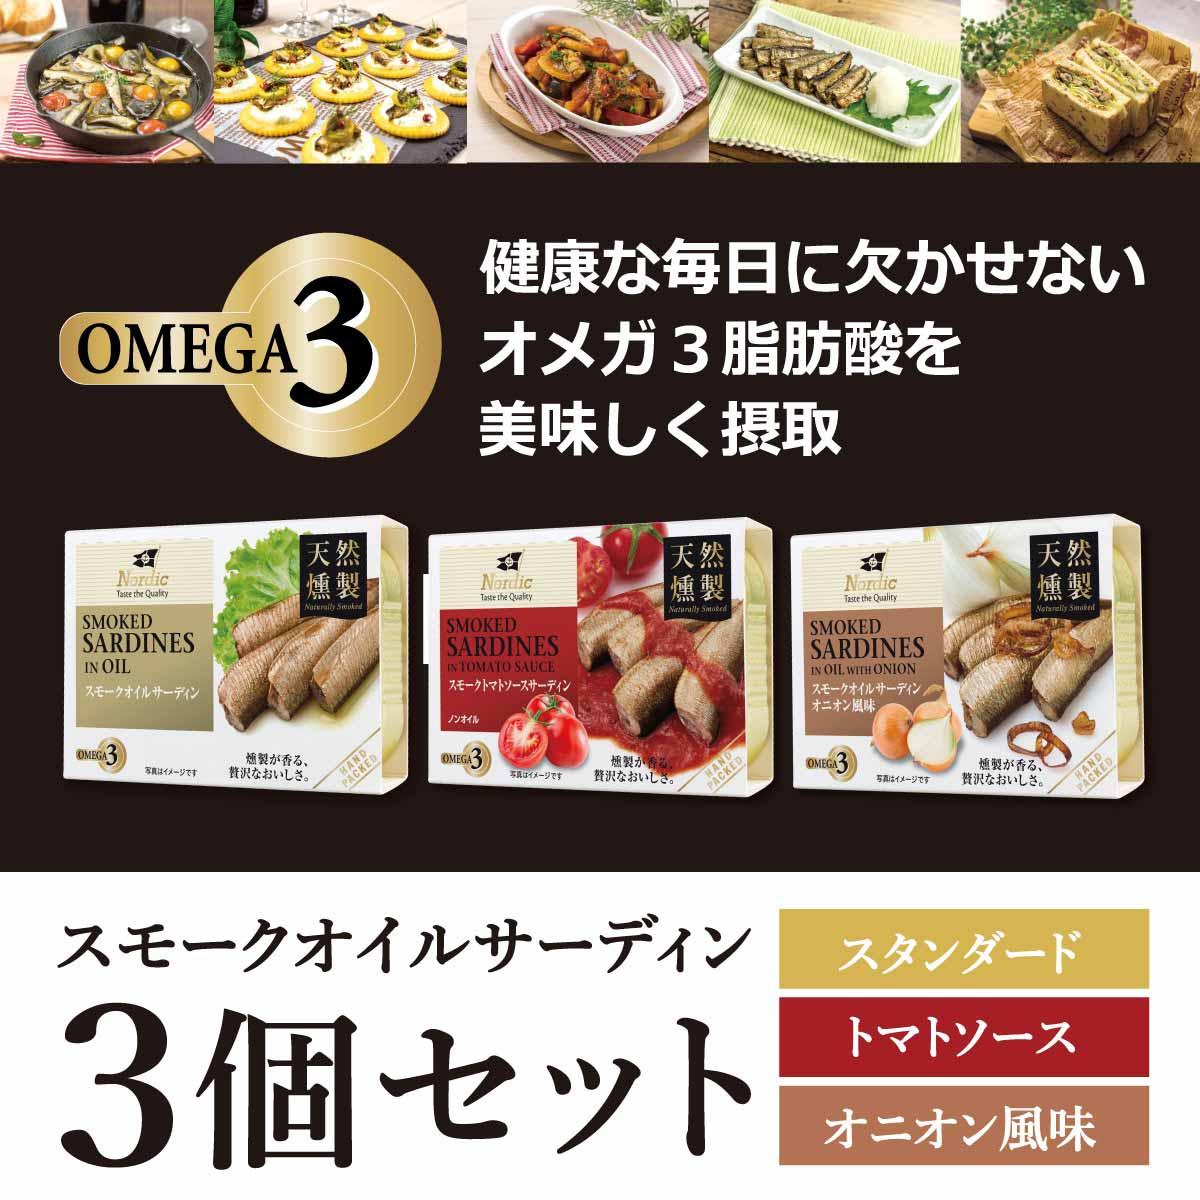 天然燻製スモークオイルサーディン3種お試しセット(スタンダード・トマト・オニオン味)